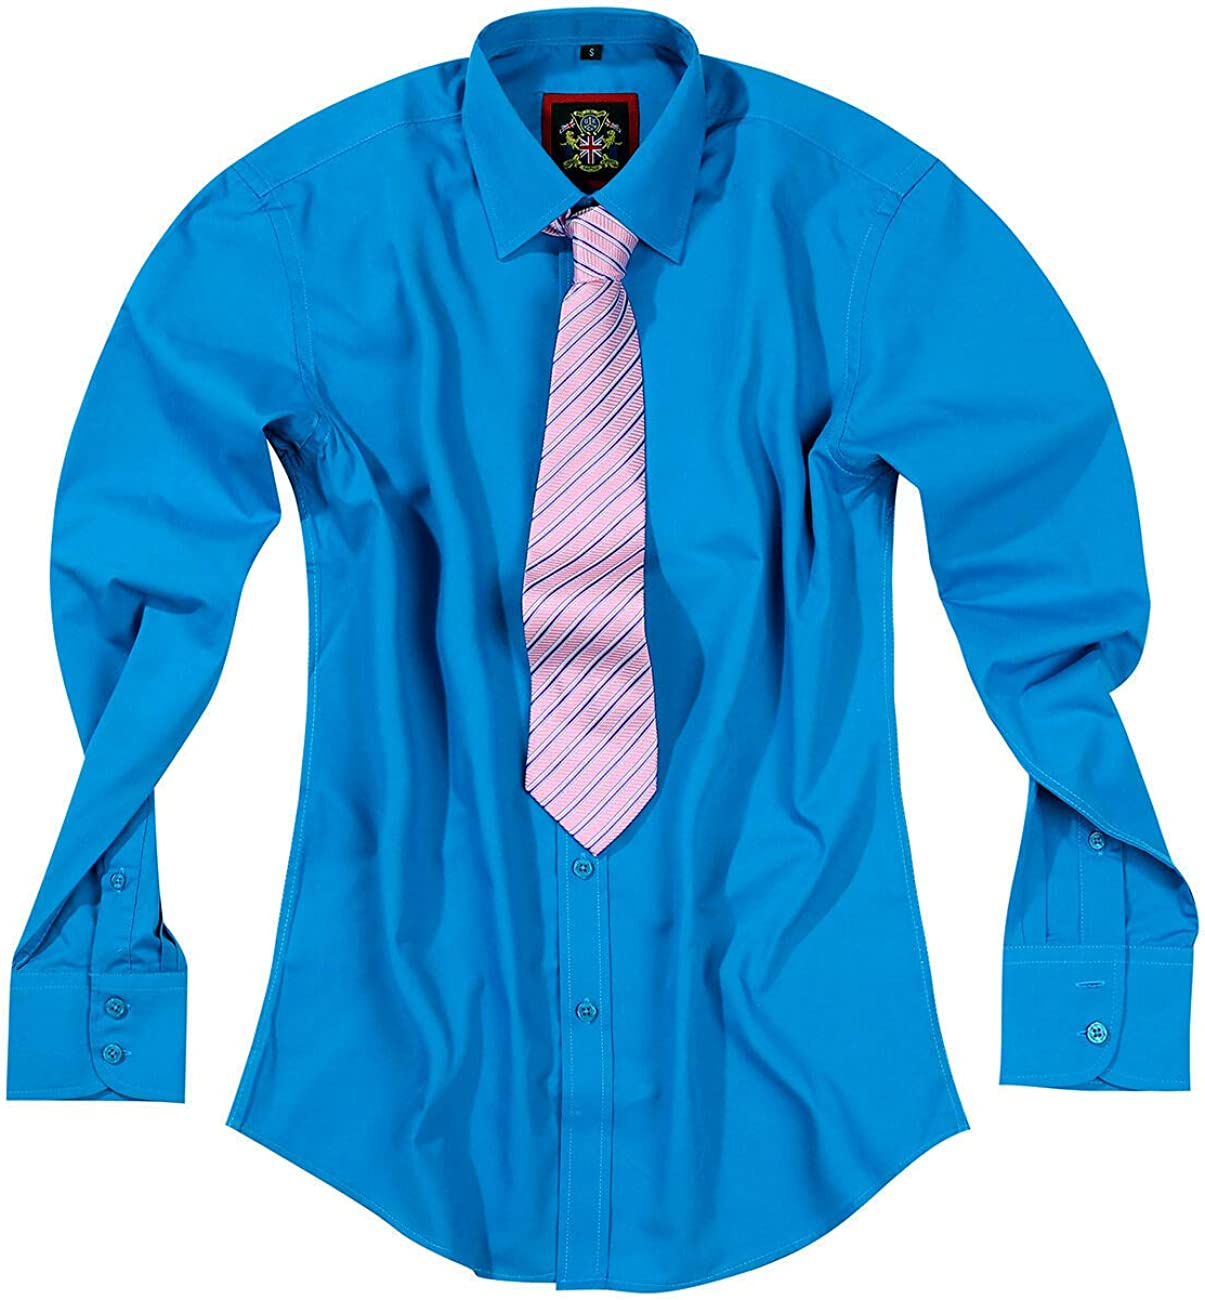 Camisas formales para hombre para oficina, negocios, traje de boda y manga larga casual, 10 colores brillantes. Ropa británica Janeo, hombre más ...